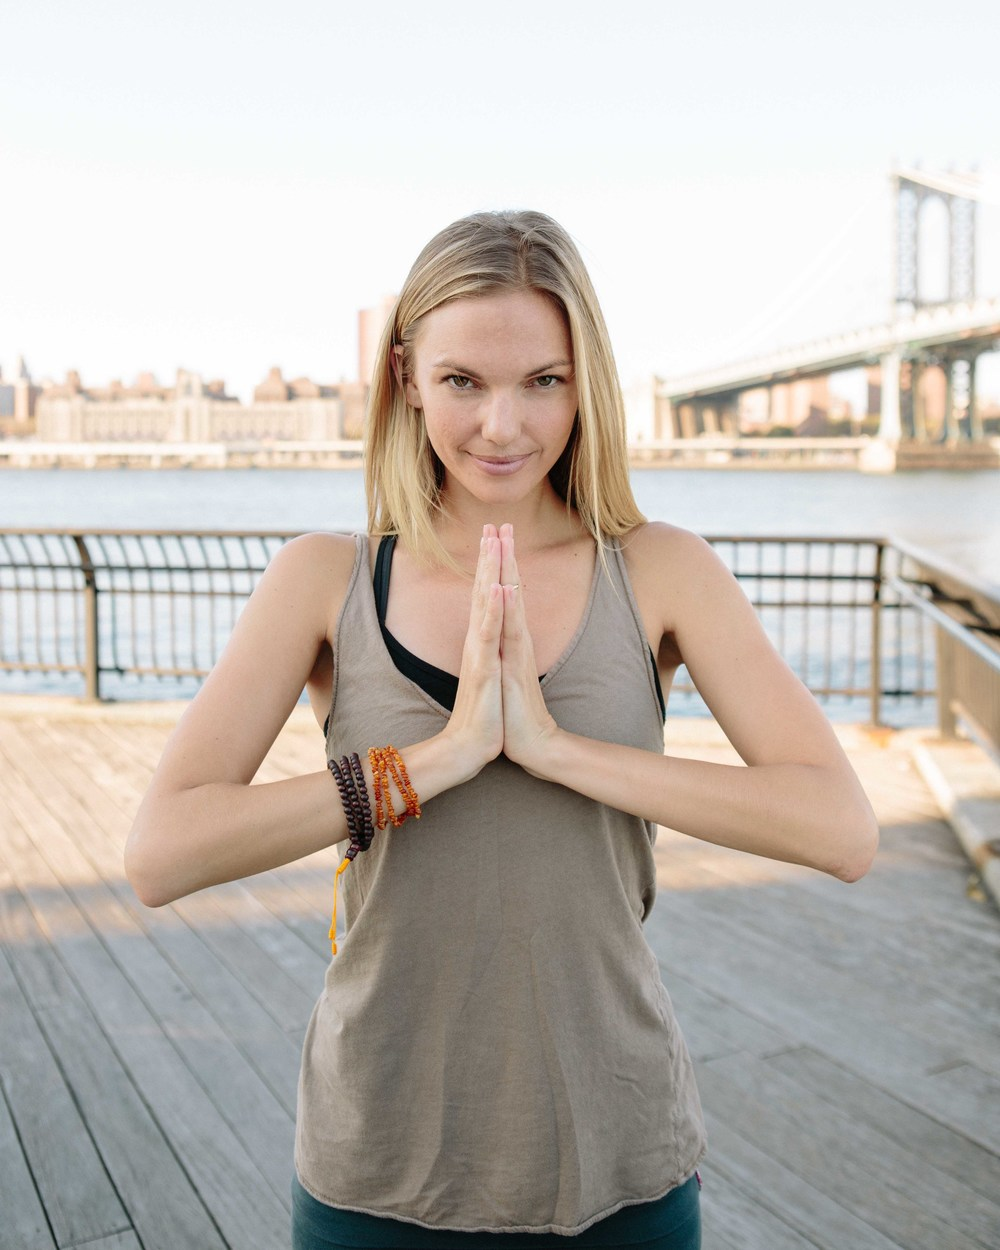 Amber_Yoga056.jpg